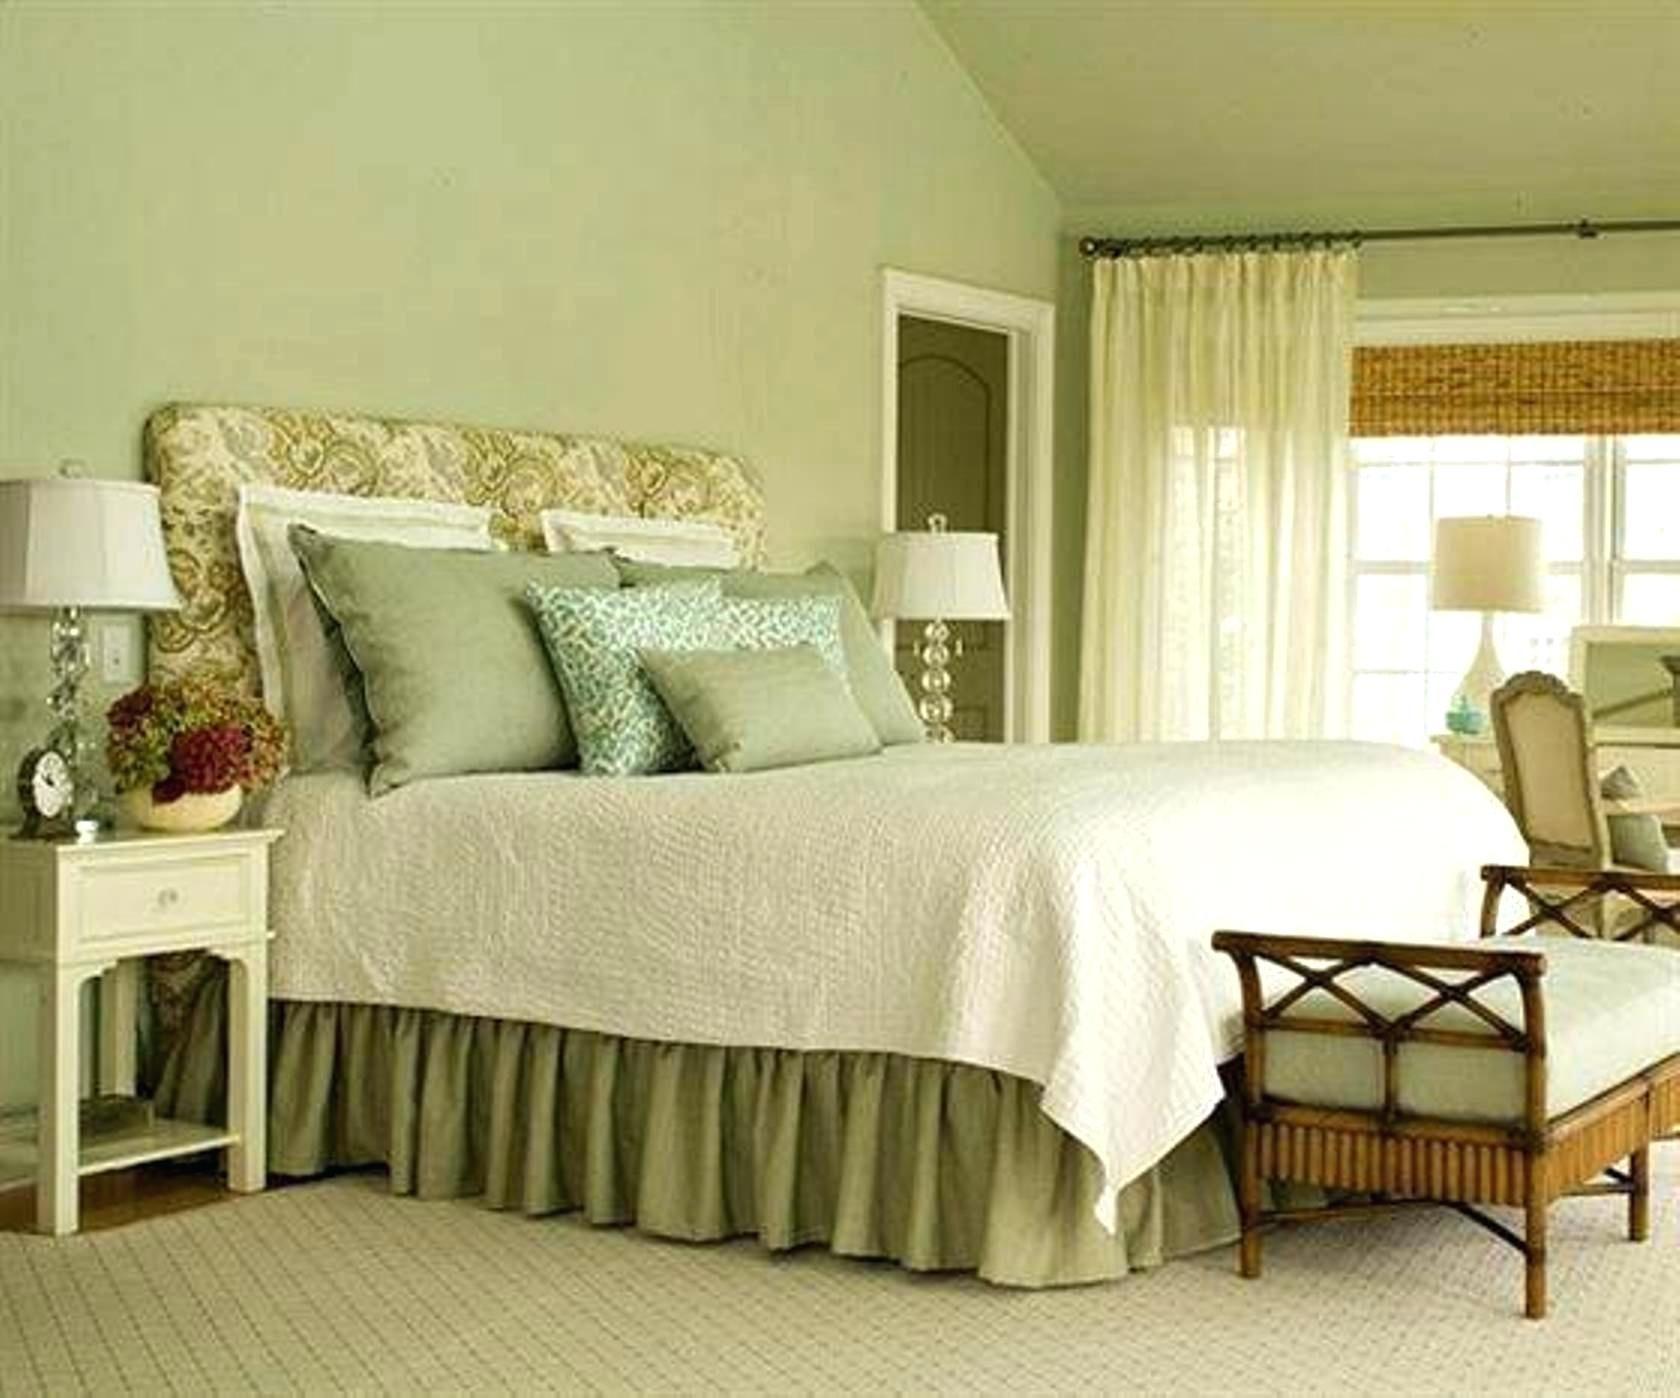 pincindy parres on bedrooms  green bedroom colors